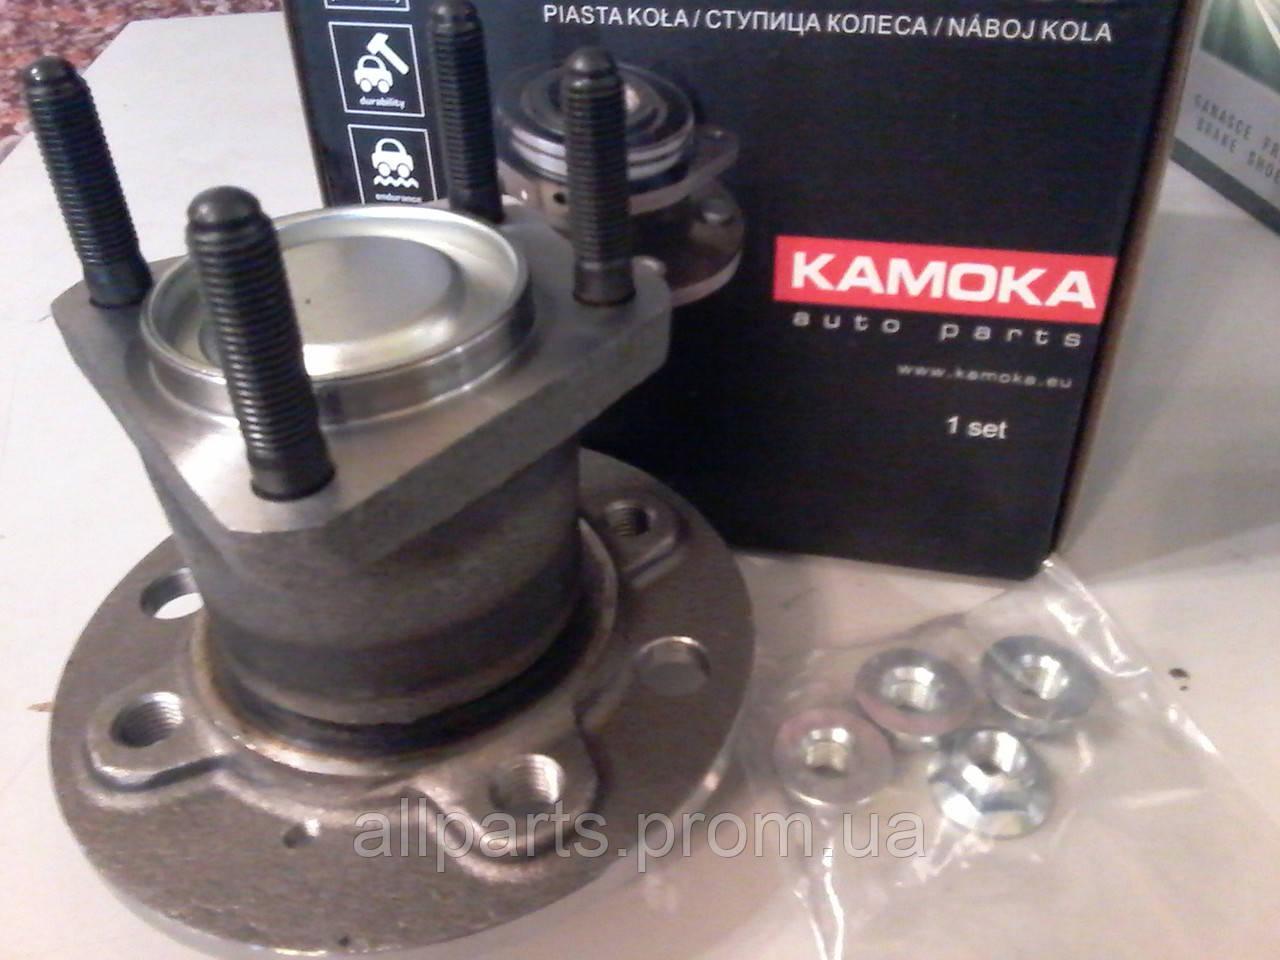 Подшипник ступицы Kamoka (страна производитель Польша) комплект в сборе